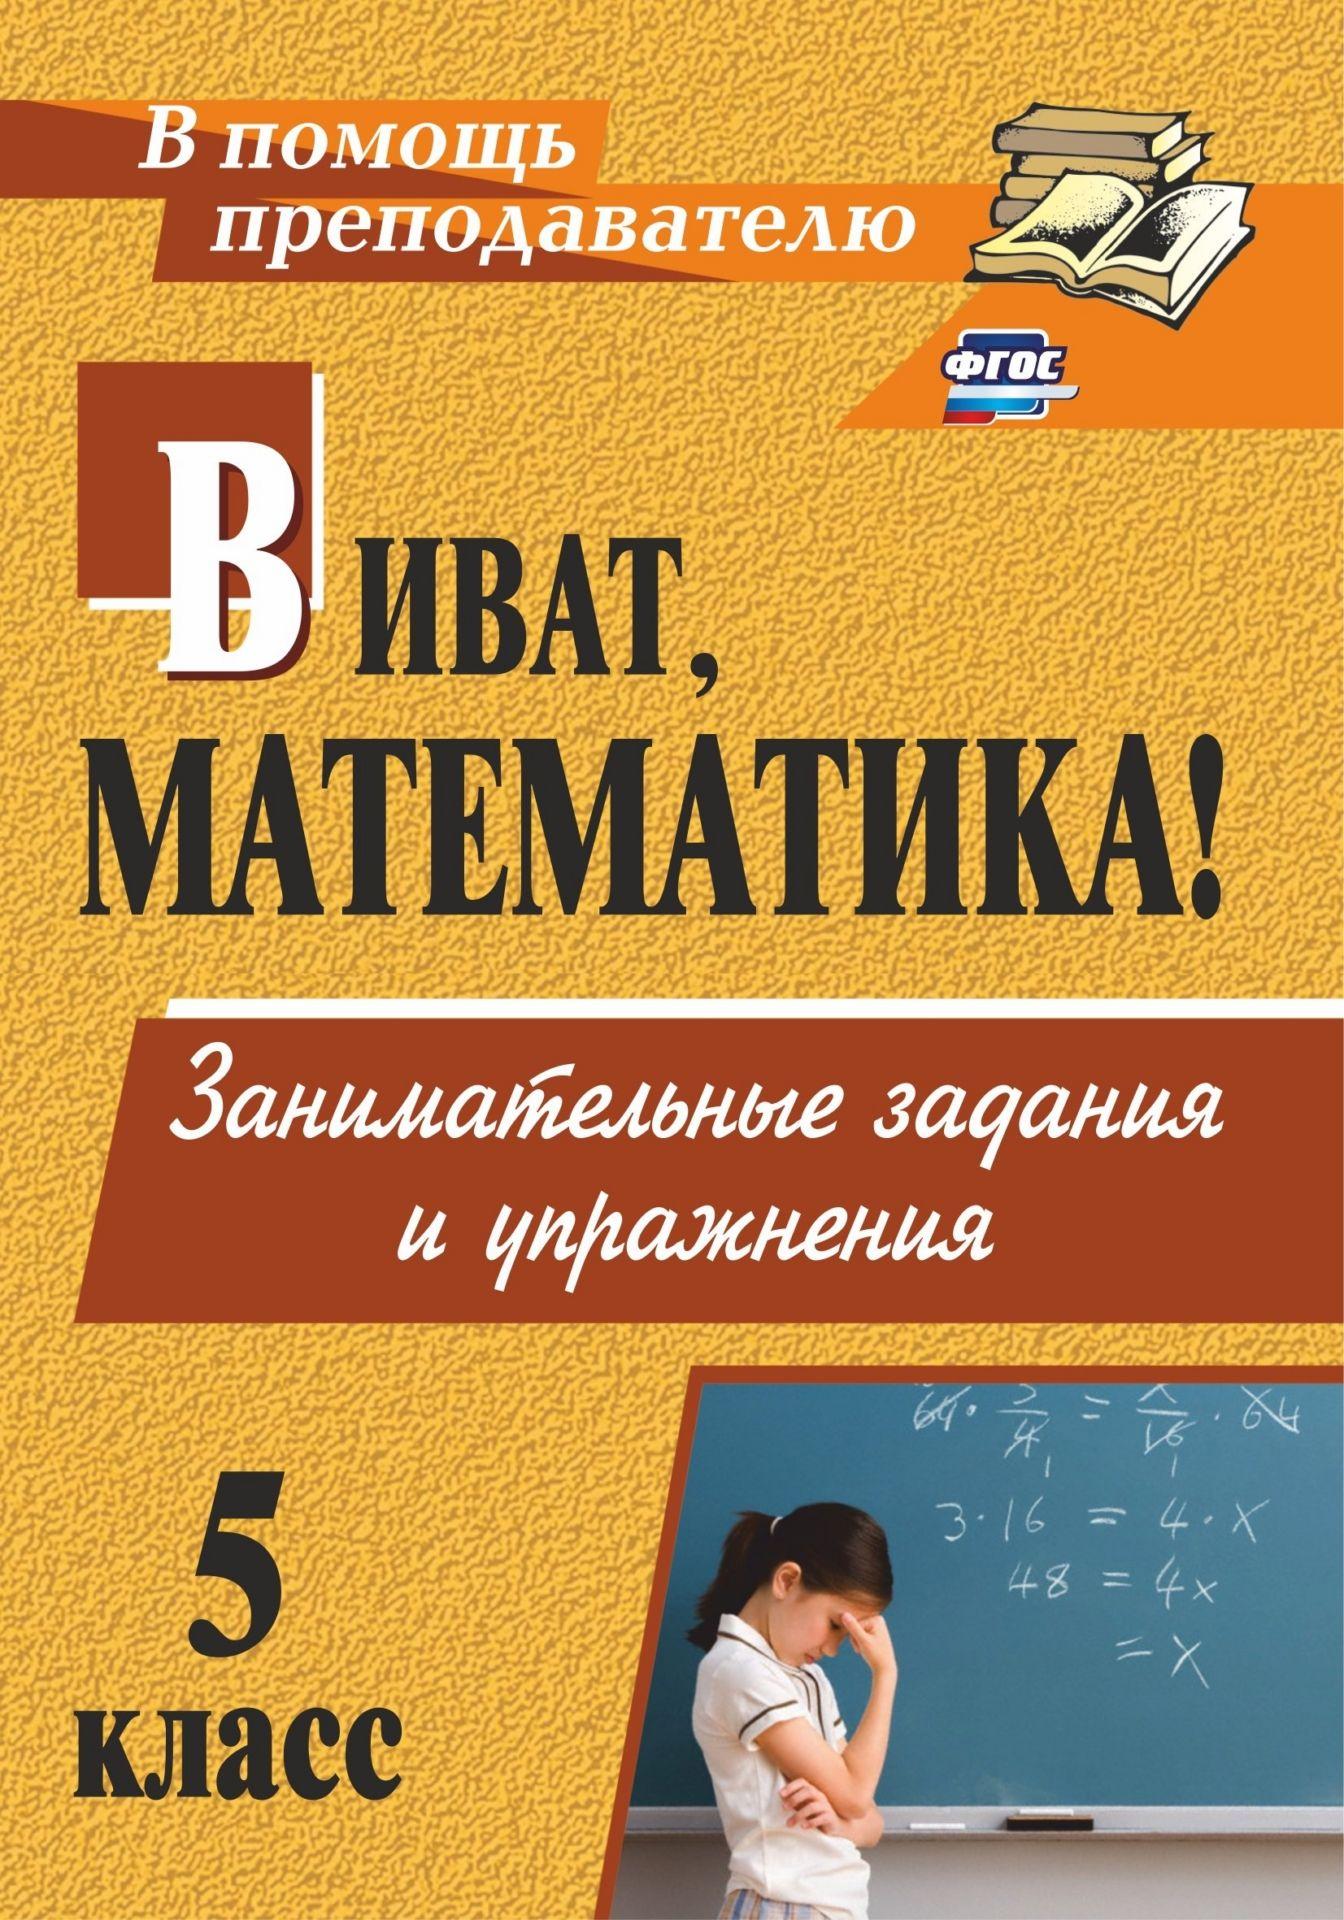 Н. Е. Кордина Виват, математика! Занимательные задания и упражнения. 5 класс